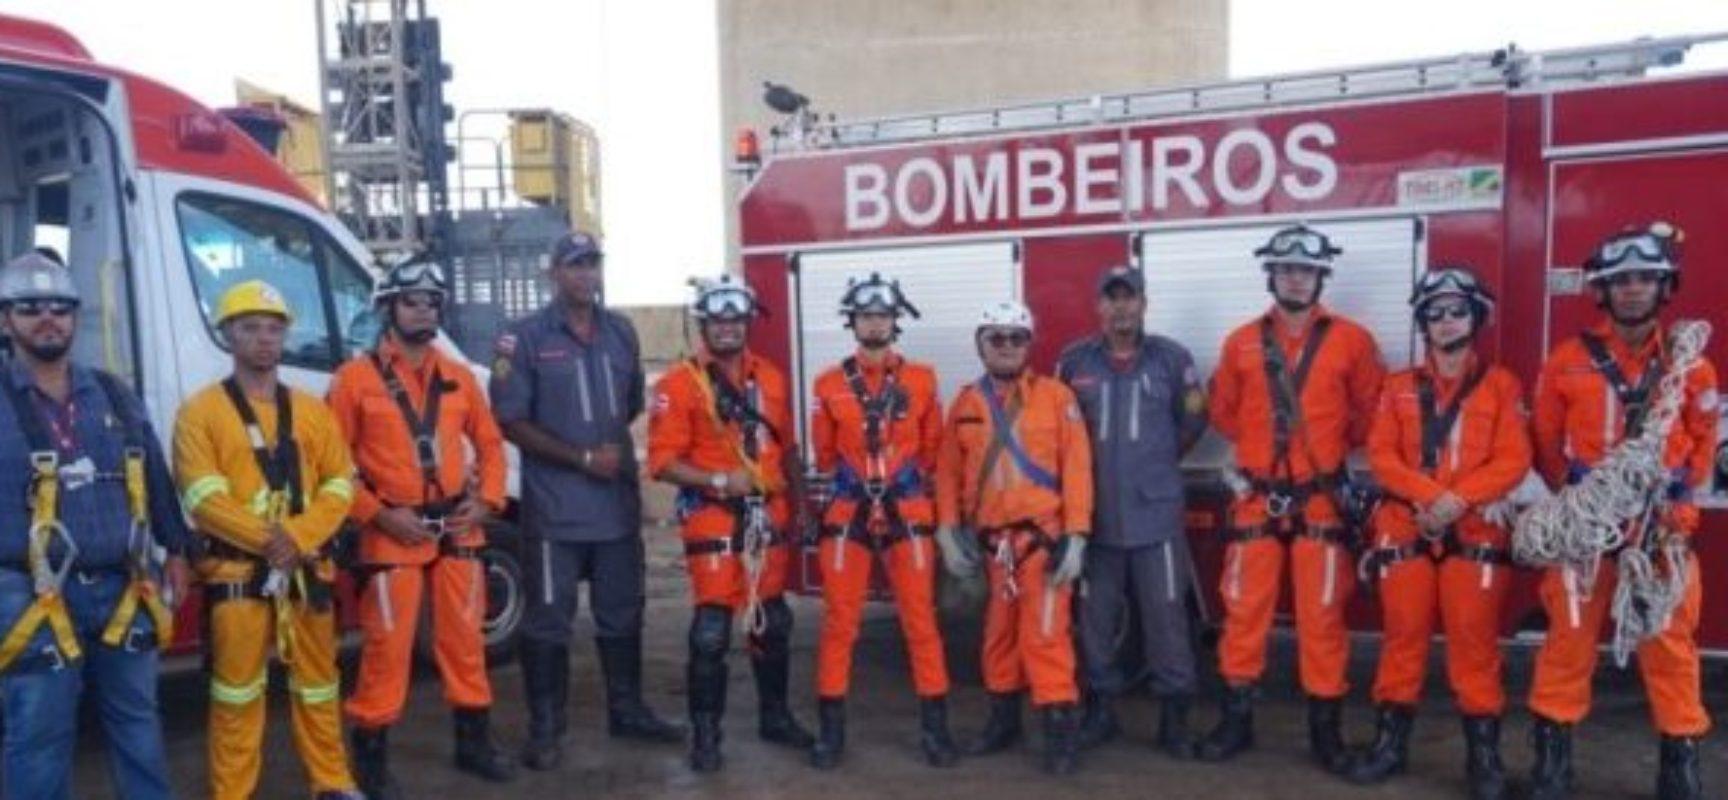 Bahia inicia vacinação contra Covid-19 de policiais e bombeiros nesta quinta